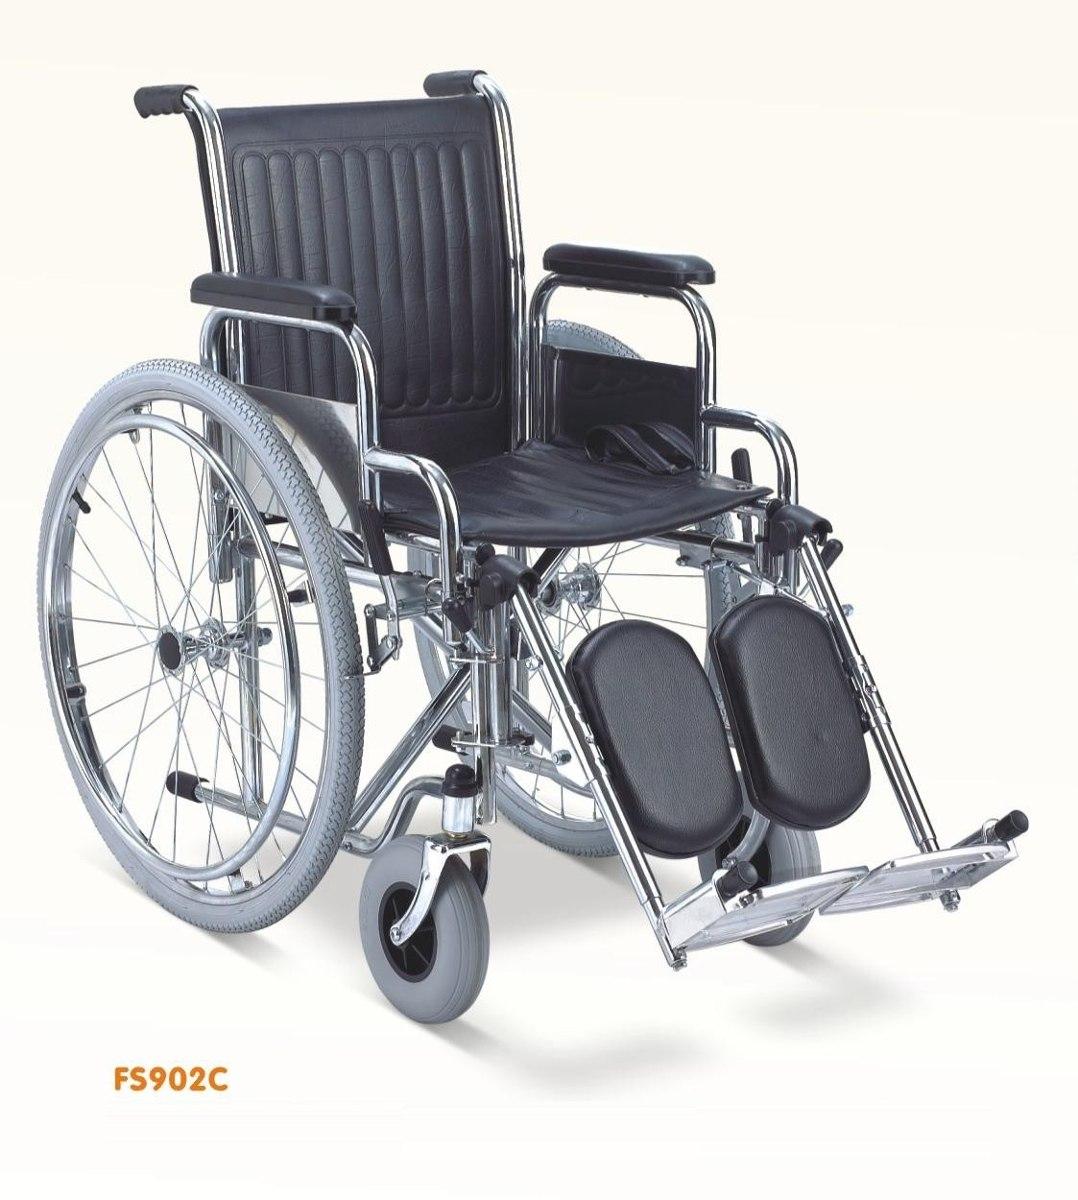 Silla de ruedas en alquiler s 40 00 en mercado libre for Sillas para rentar